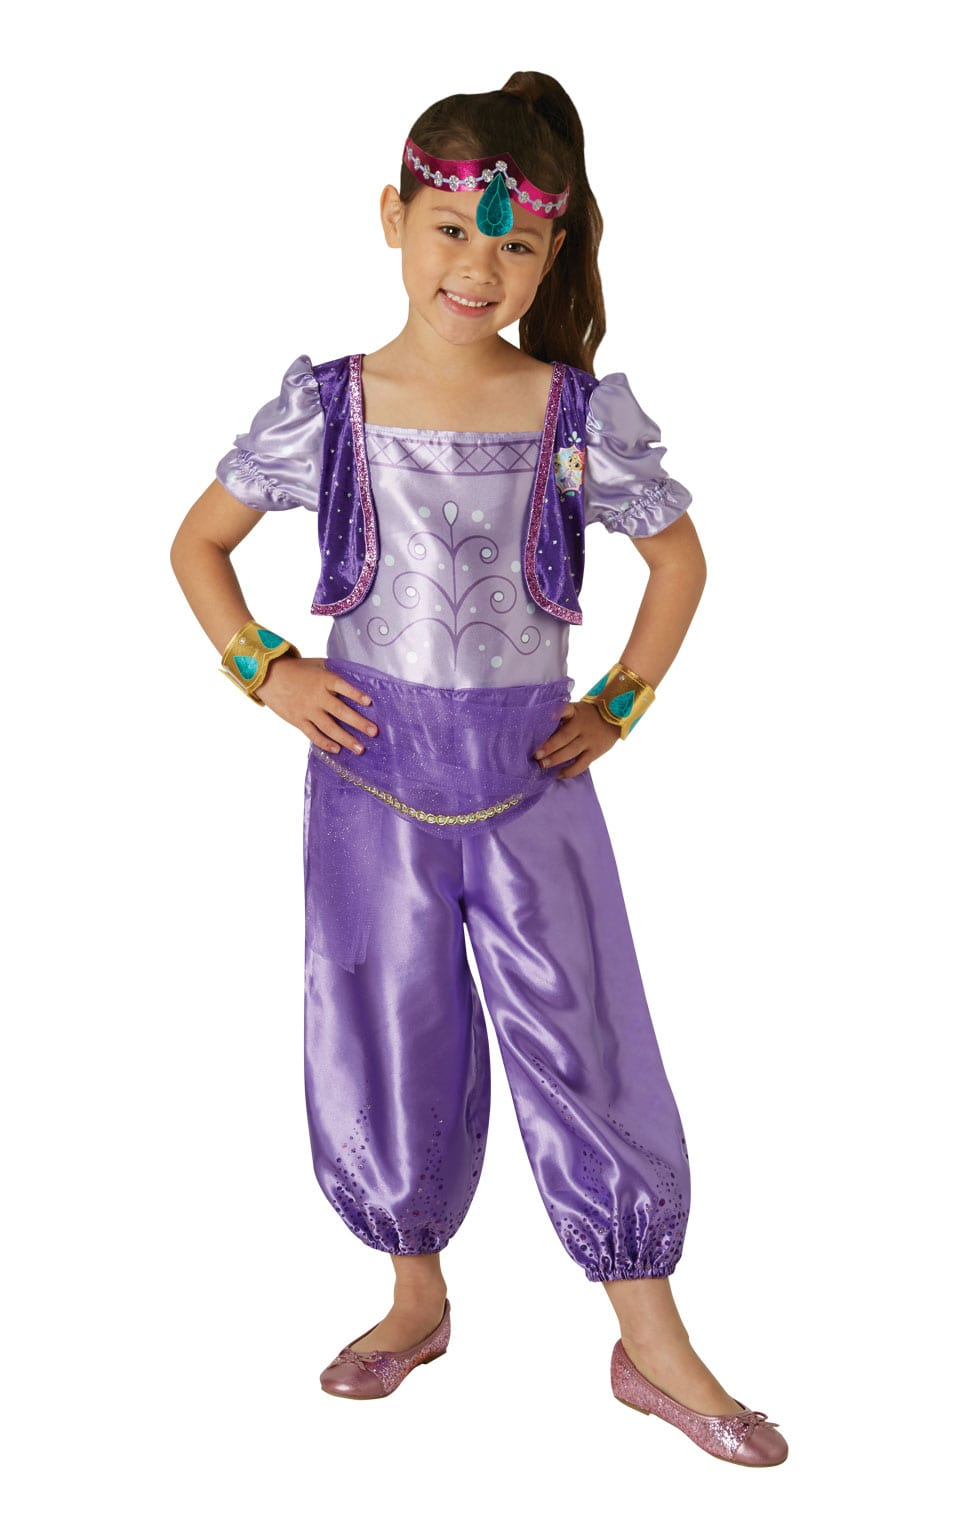 Shimmer Children's Fancy Dress Costume